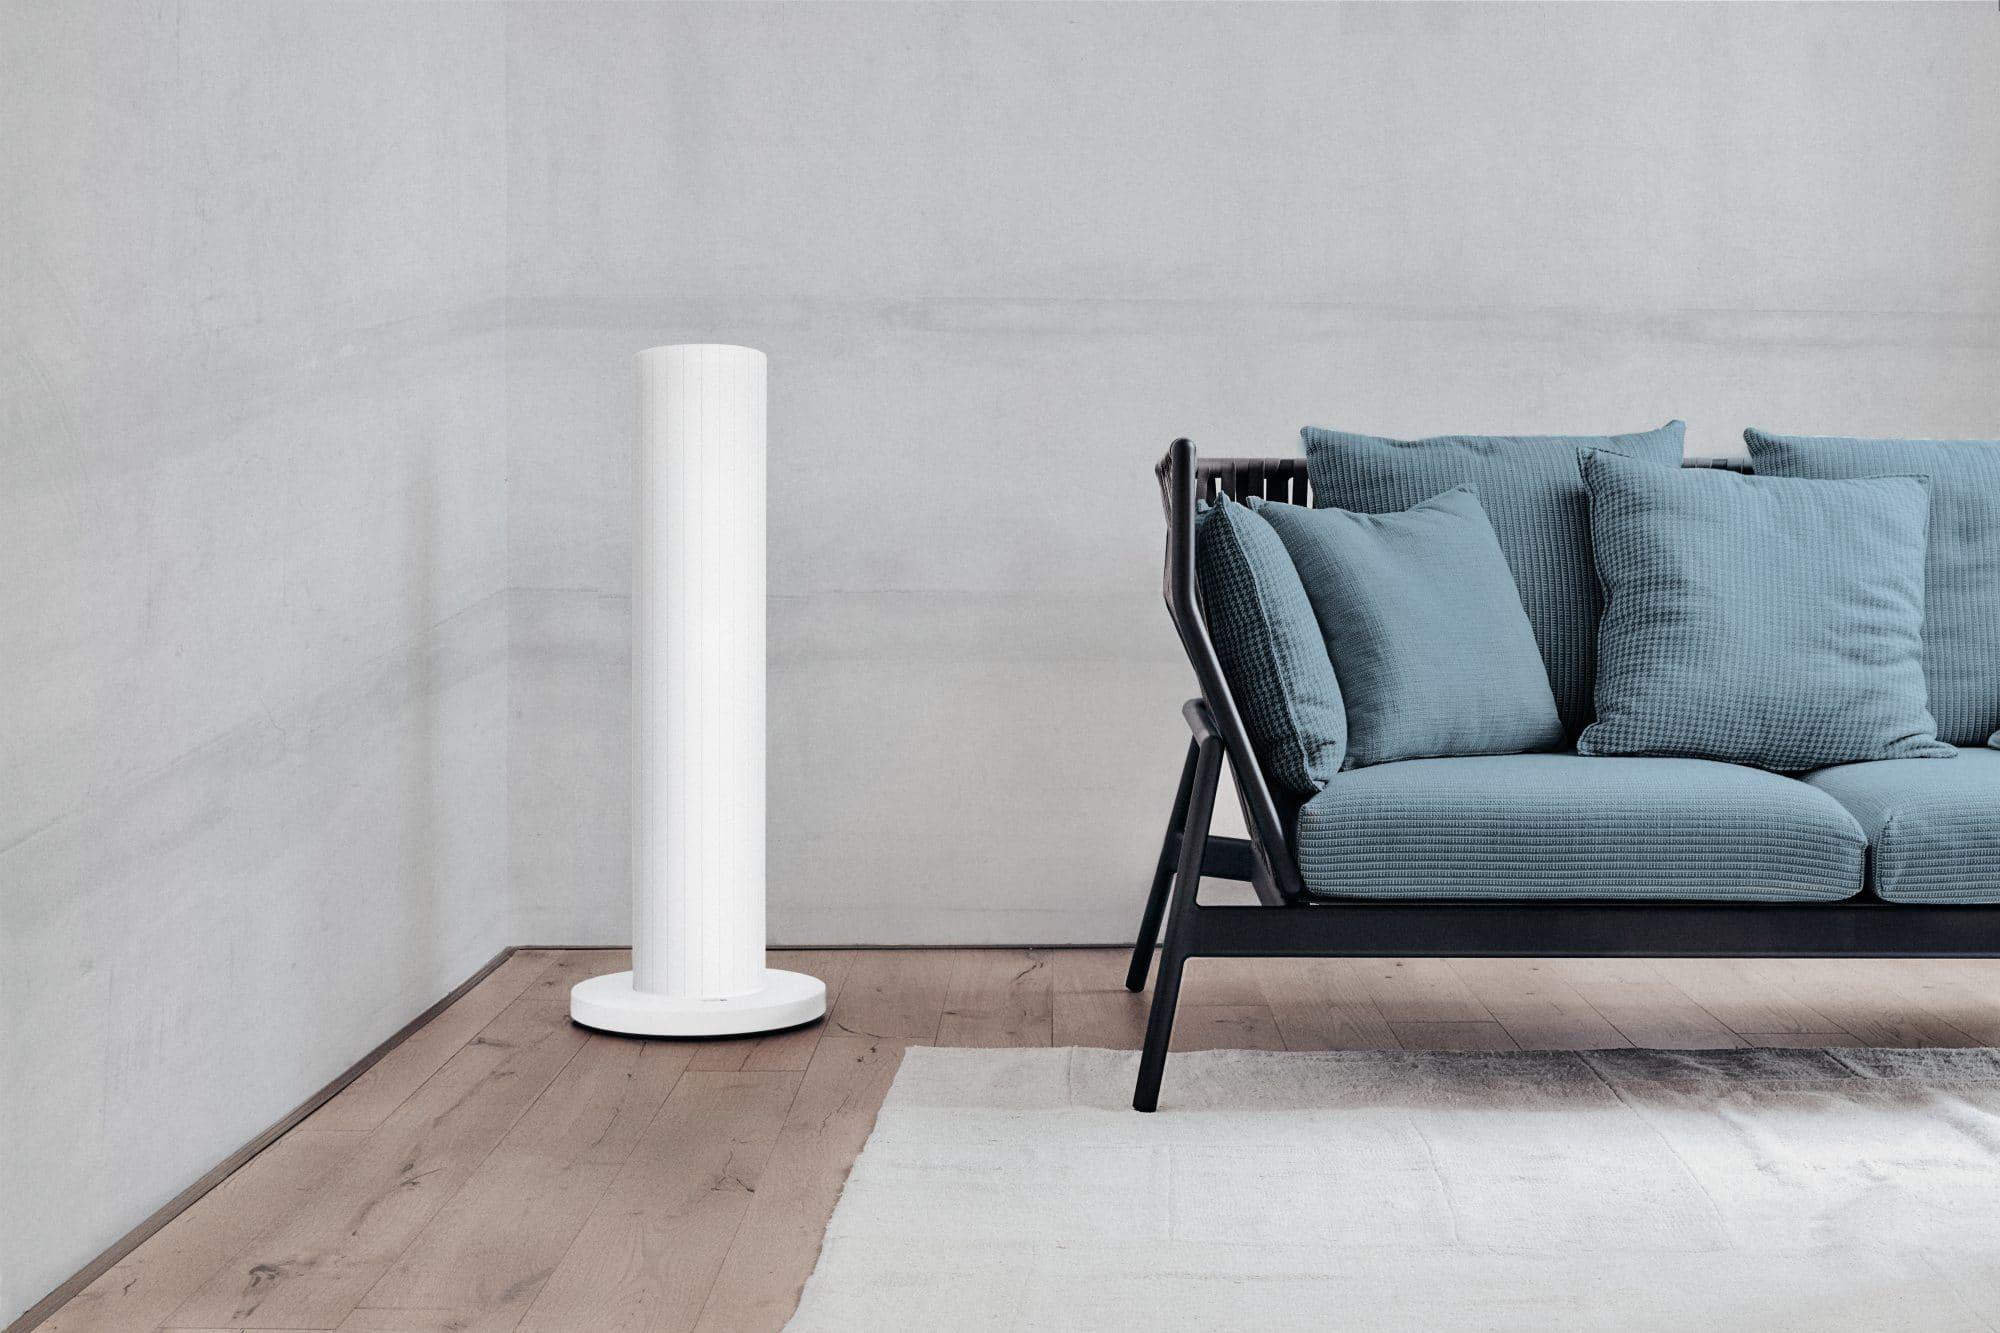 Die weiße Pipewave von Redwell beheizt mit seiner wohligen Wärme den kühlen Raum.